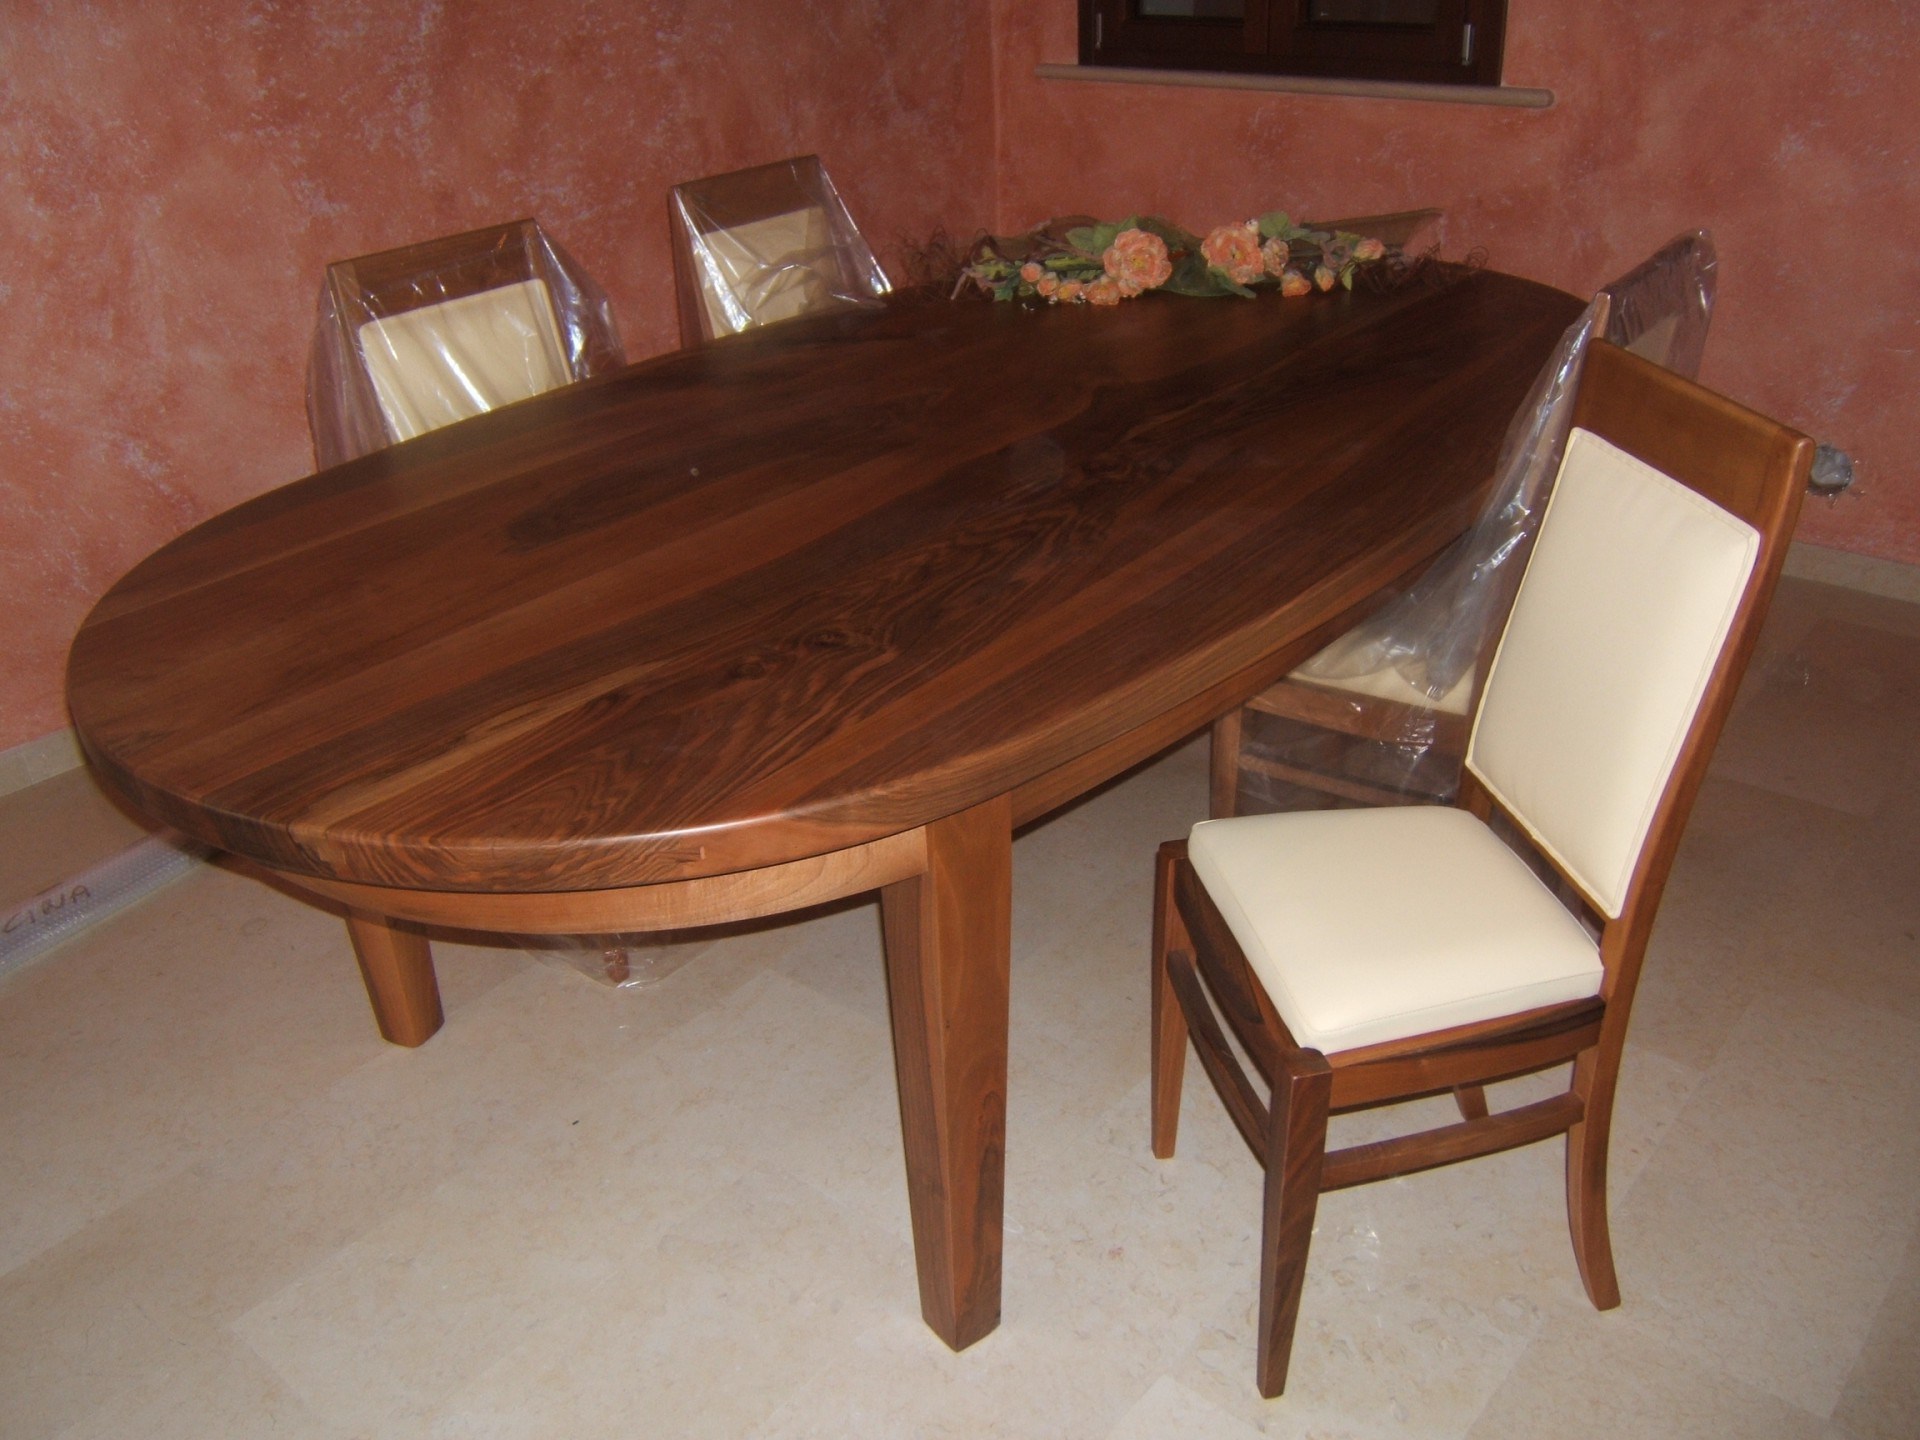 Tavoli in legno su misura fadini mobili cerea verona - Tavolo noce massello ...